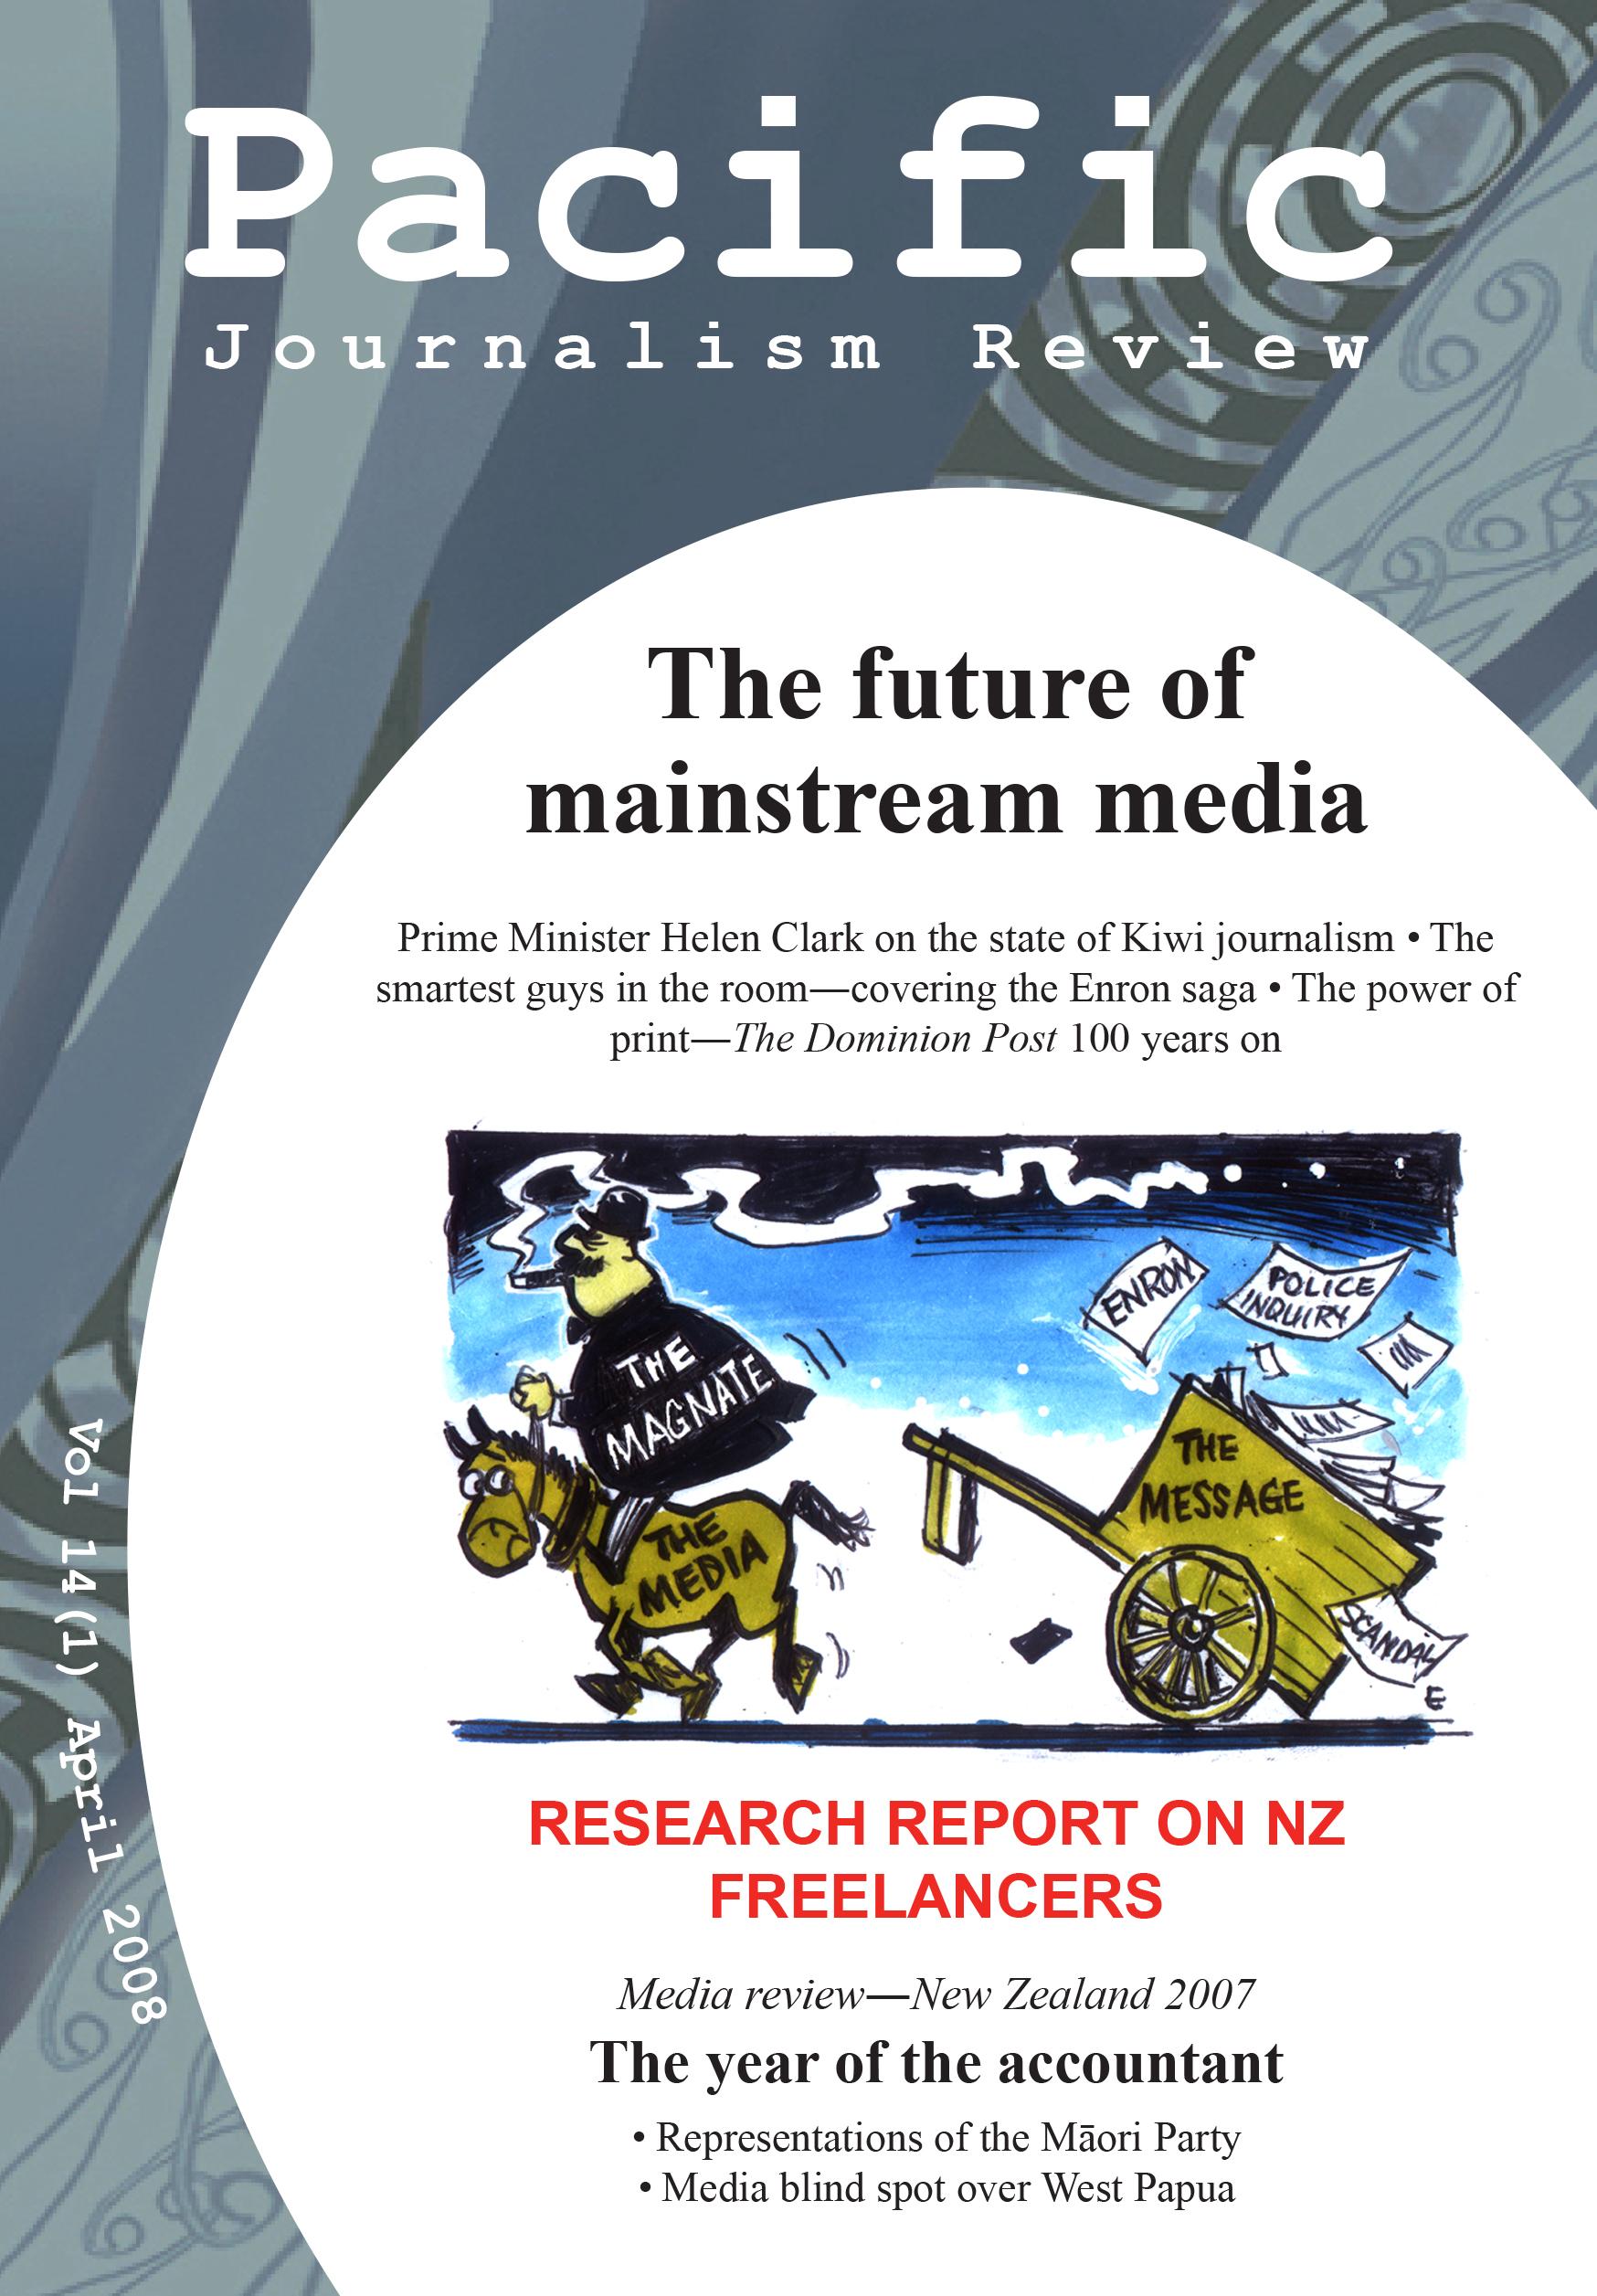 PJR cover 14(1) April 2008